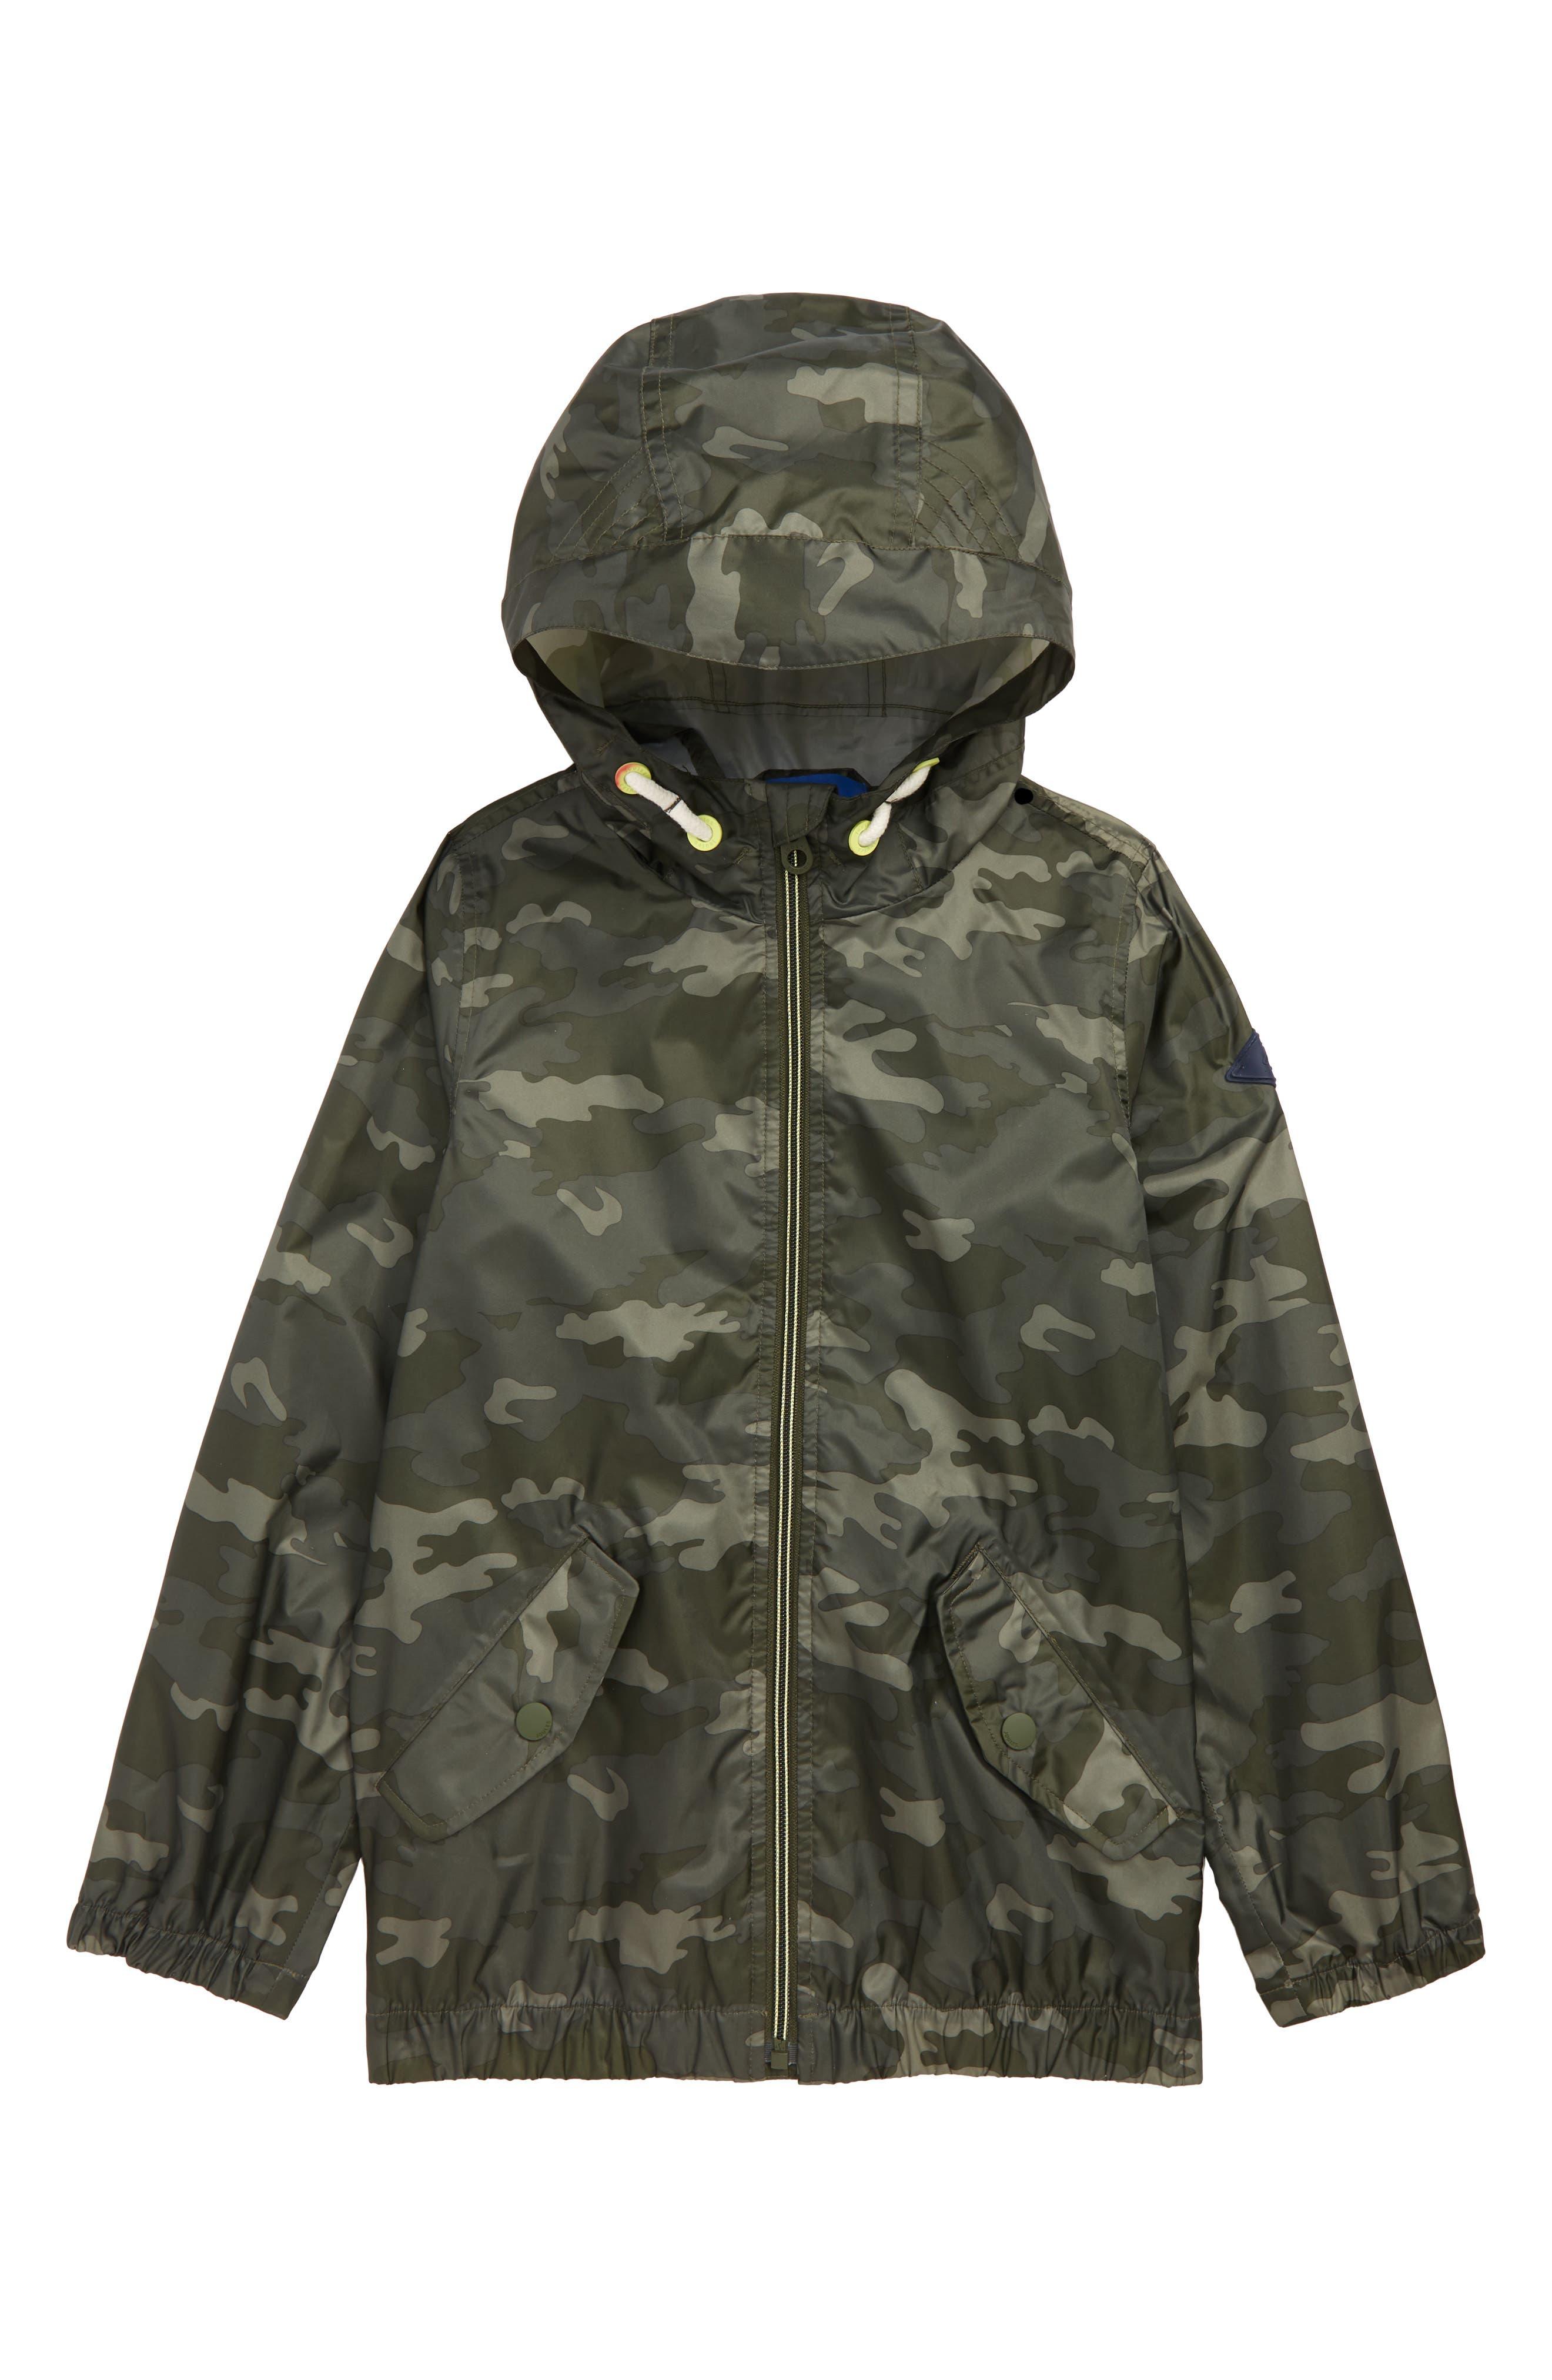 Boys Joules Rowan Lightweight Raincoat Size 6Y  Green